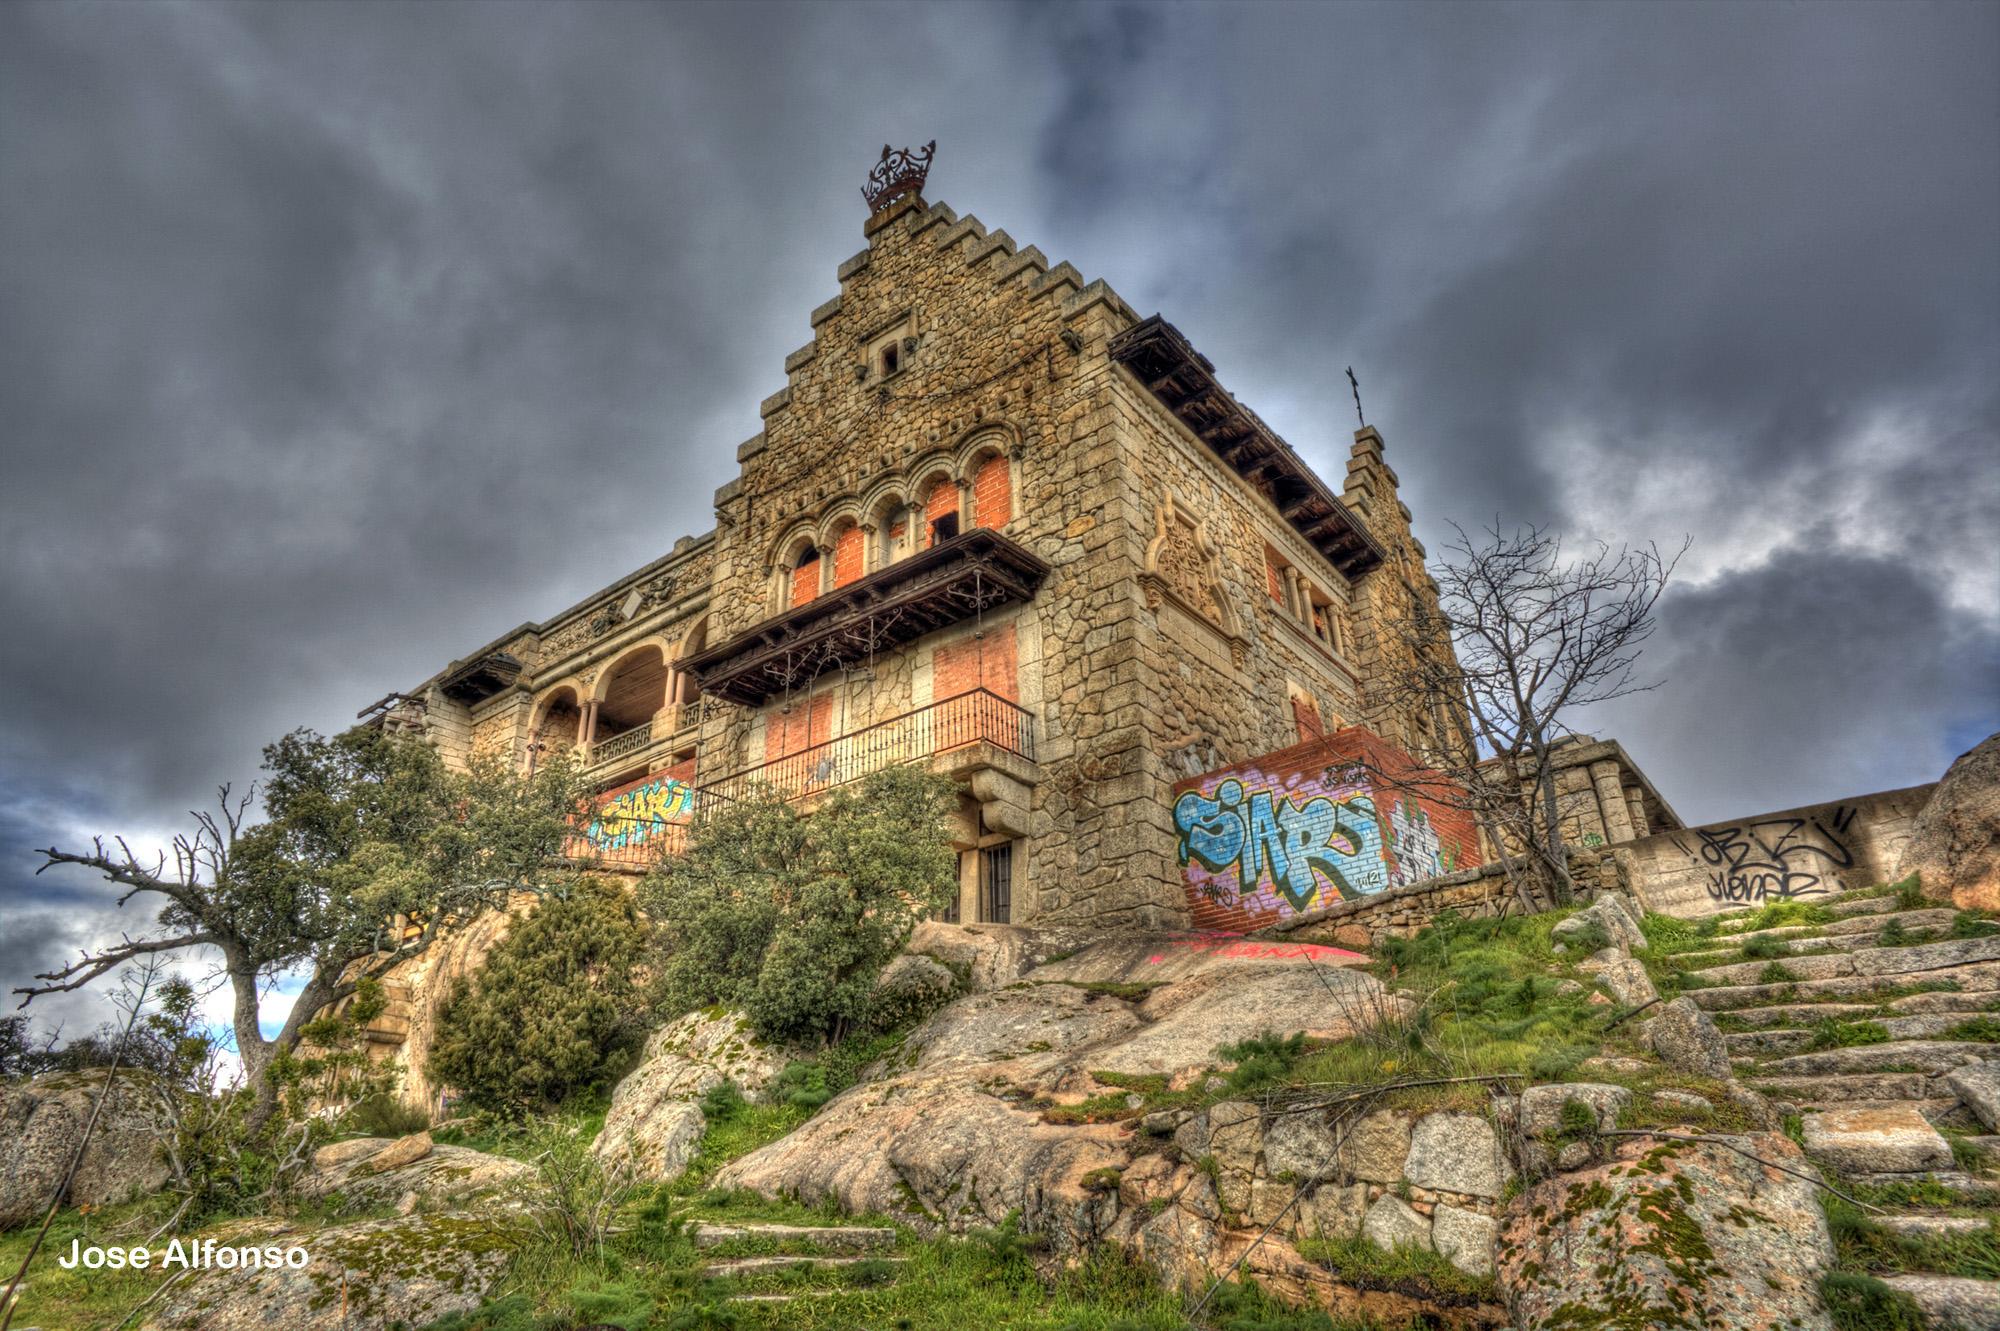 Canto del pico torrelodones madrid lugares perdidos - Casa de franco torrelodones ...